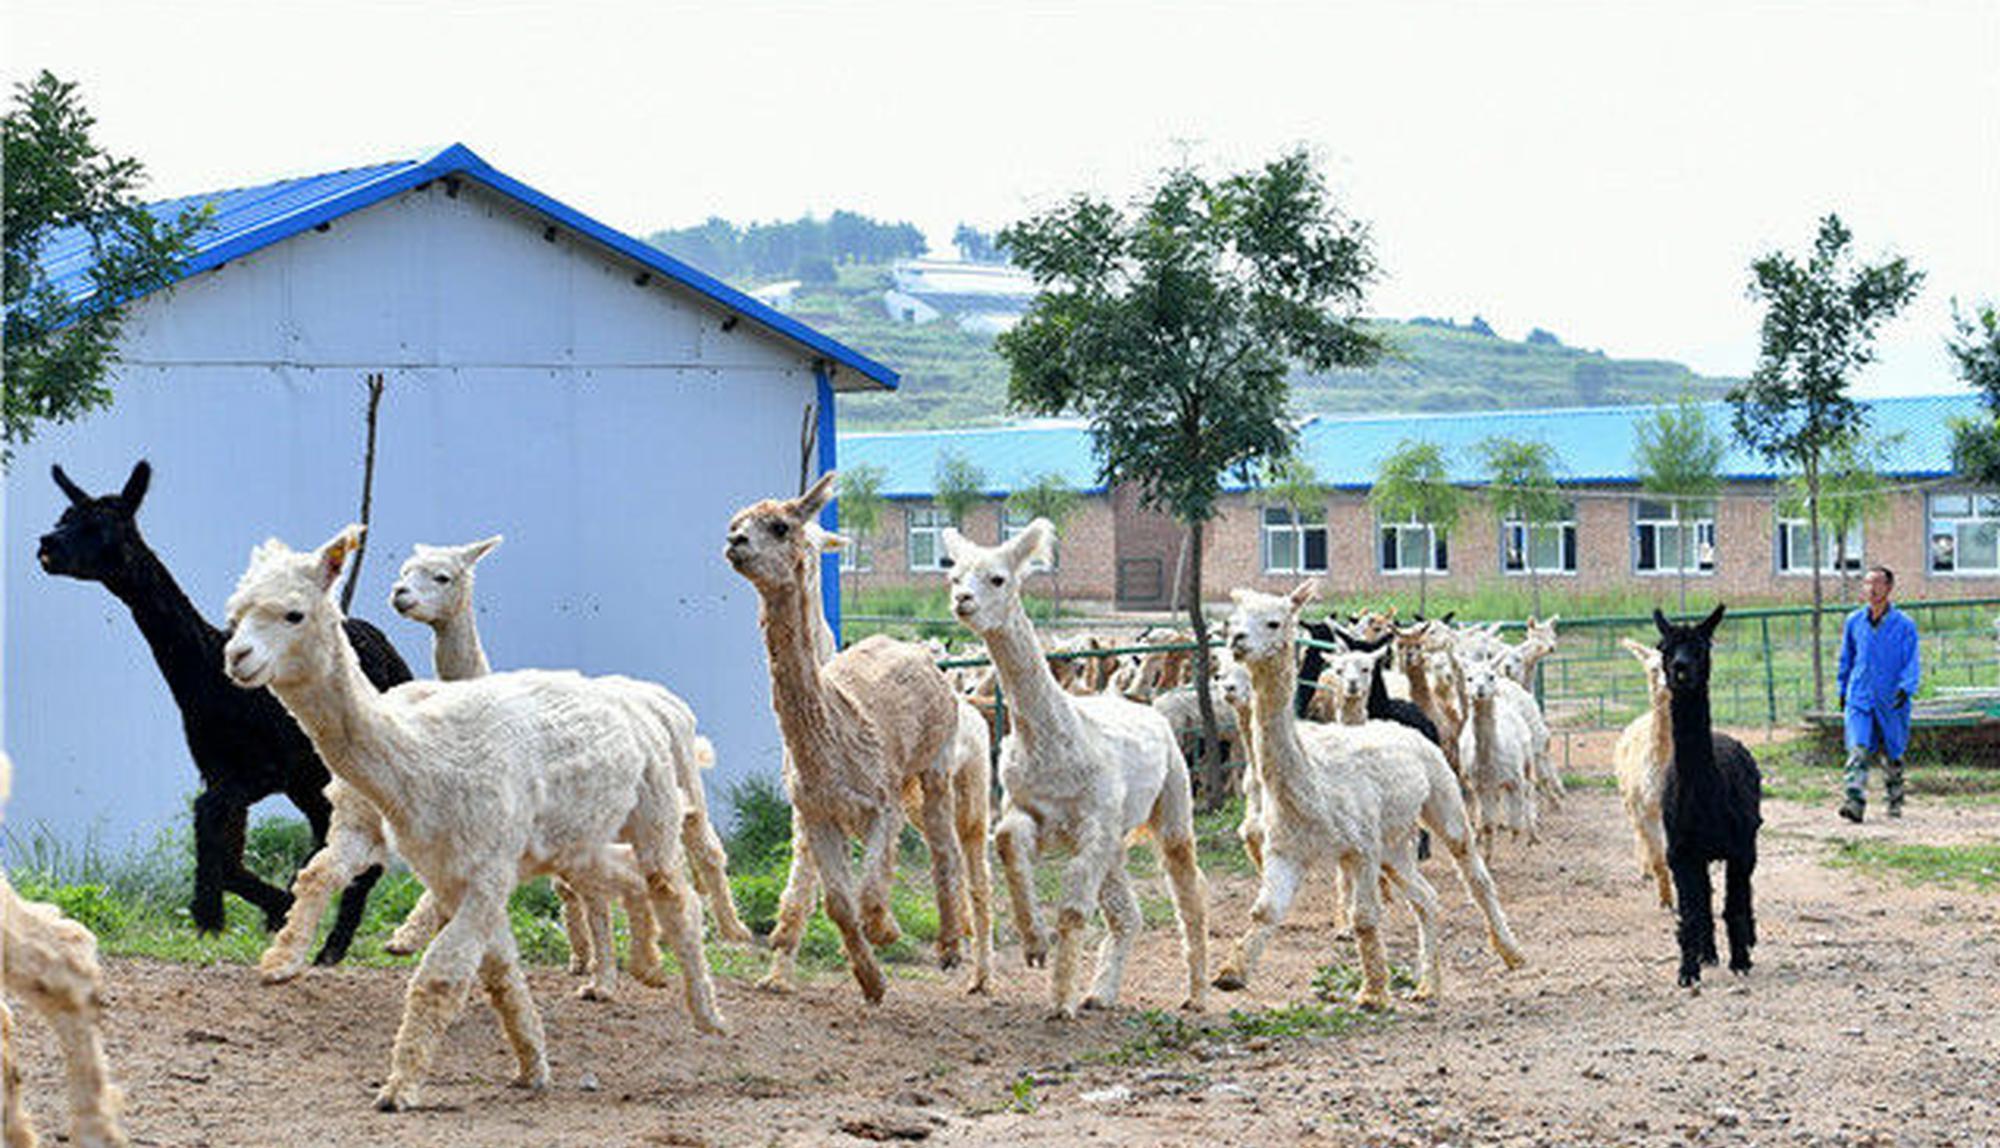 阳曲县坪里村:一个被羊驼改变的村庄